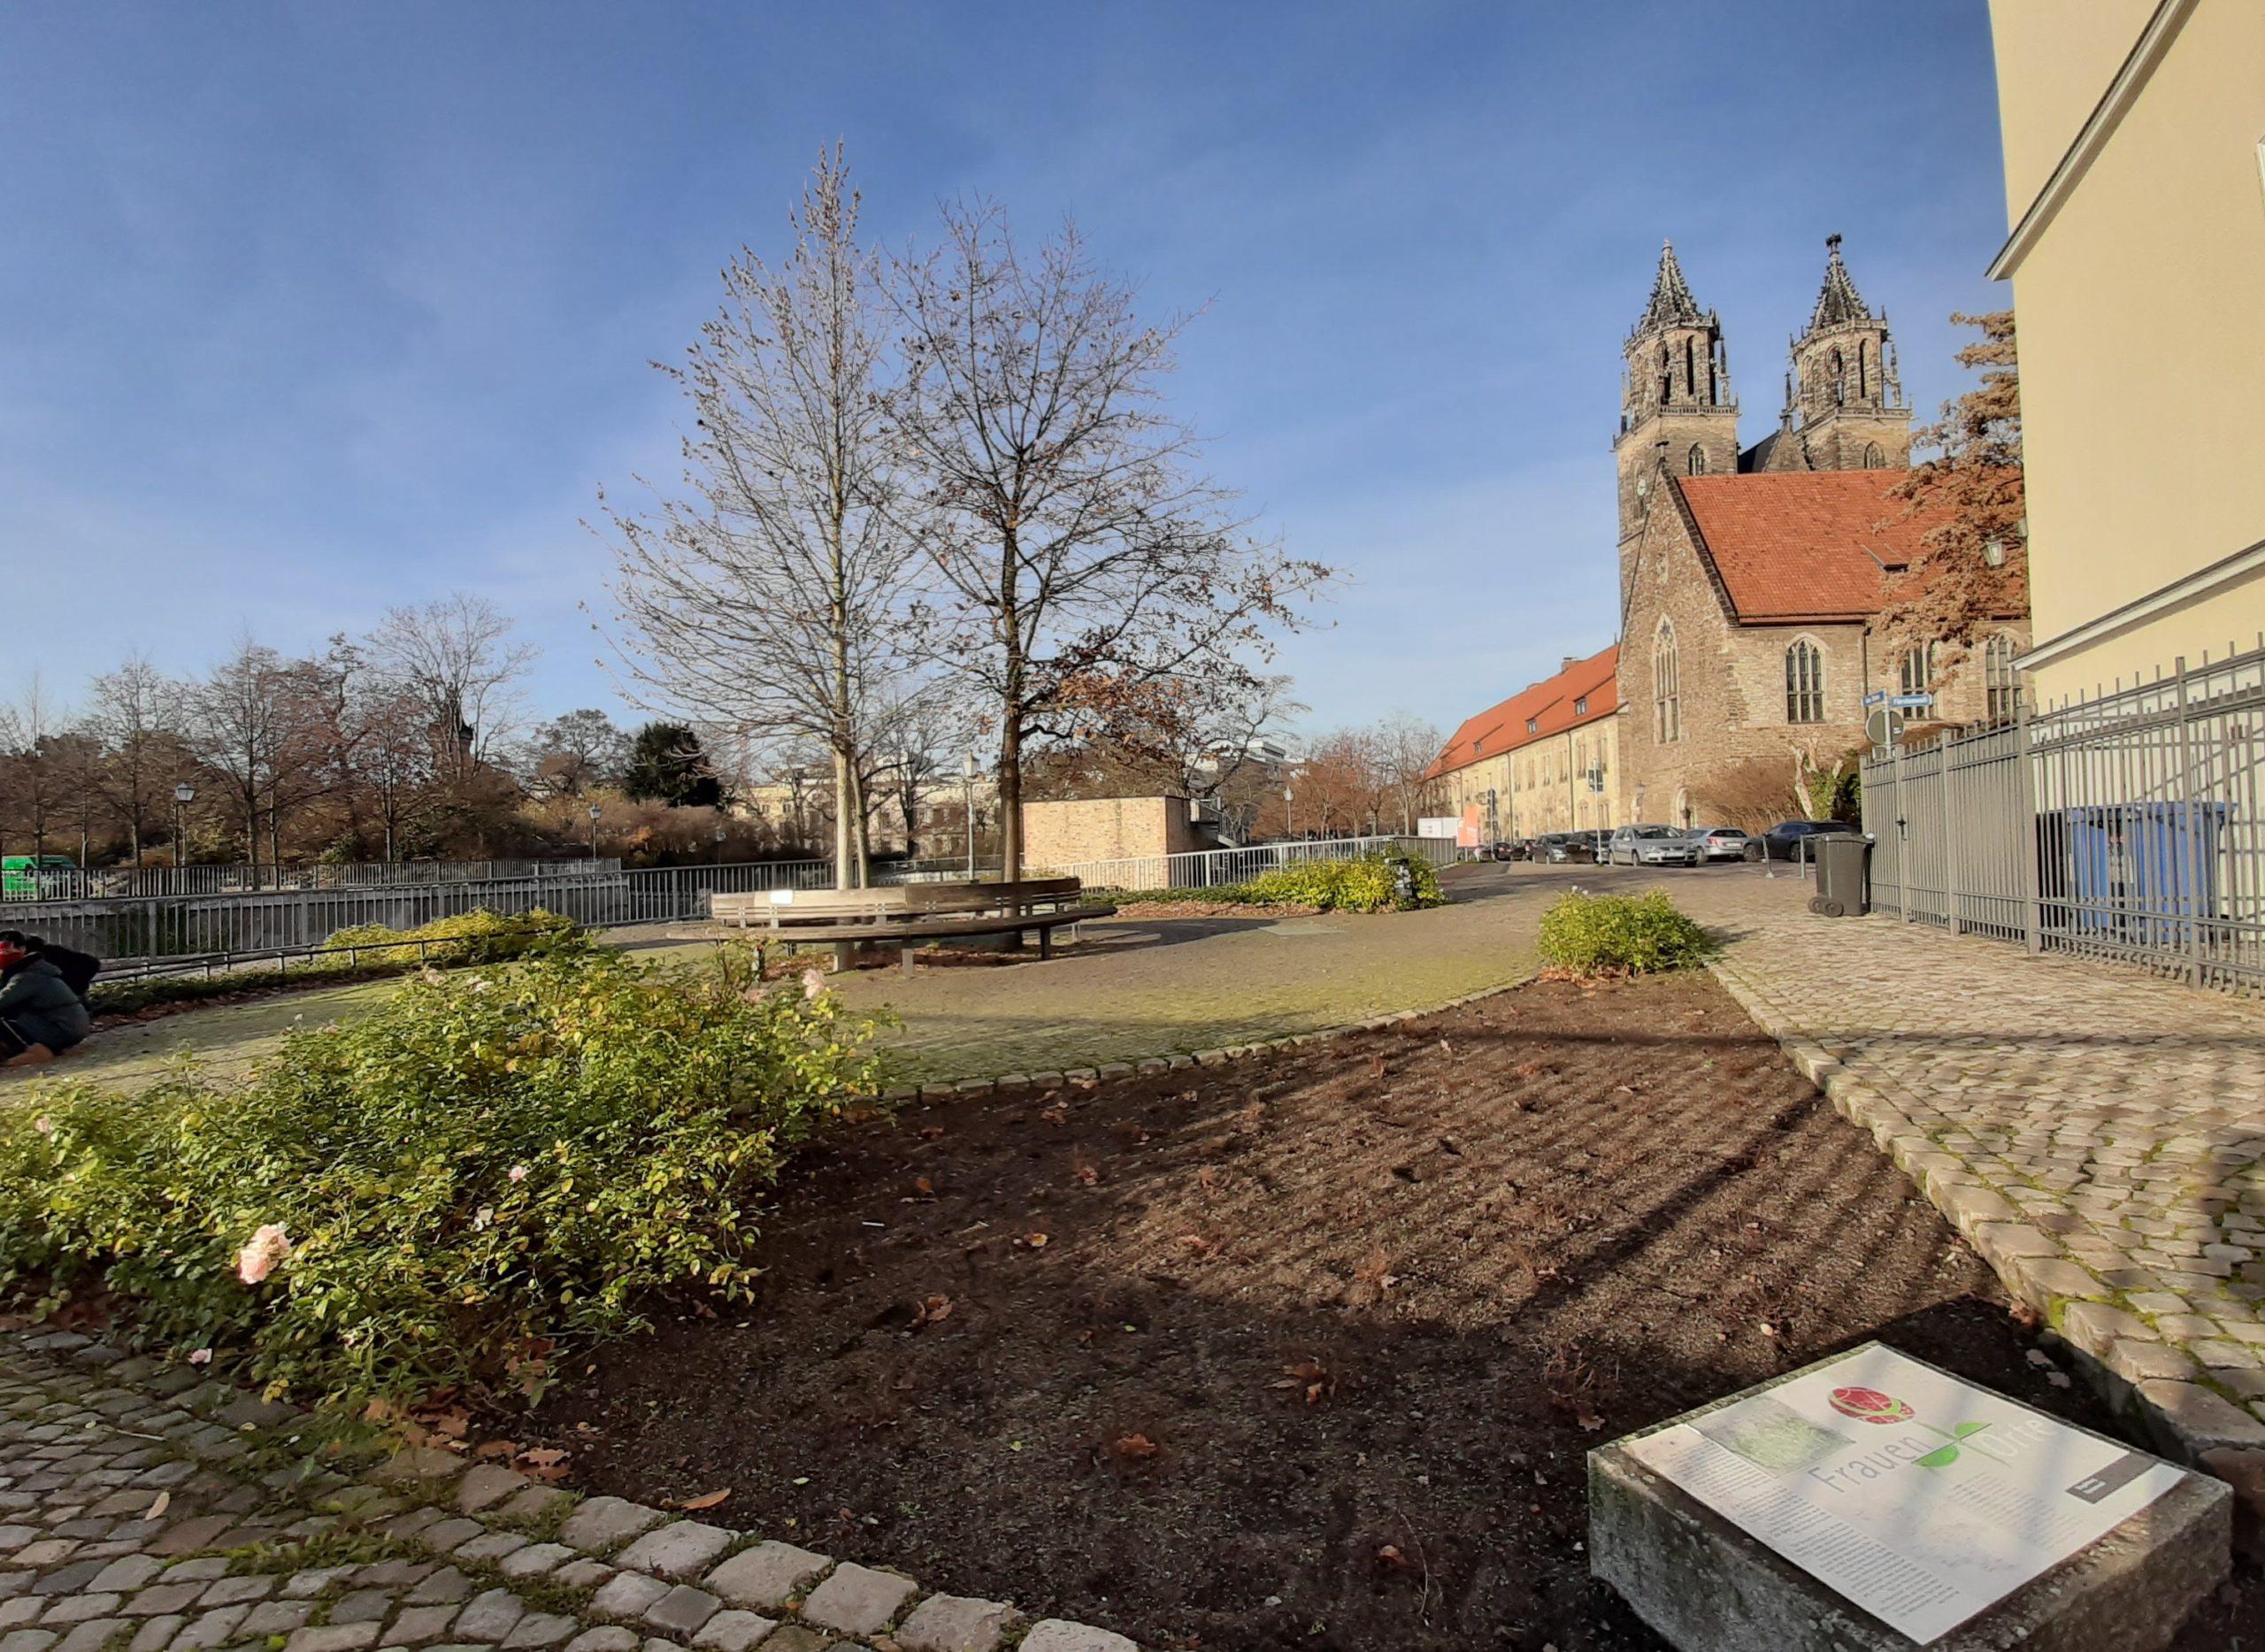 FrauenOrt Ottoninnen Magdeburg An der Elbe Fürstenwall / Höhe Dom